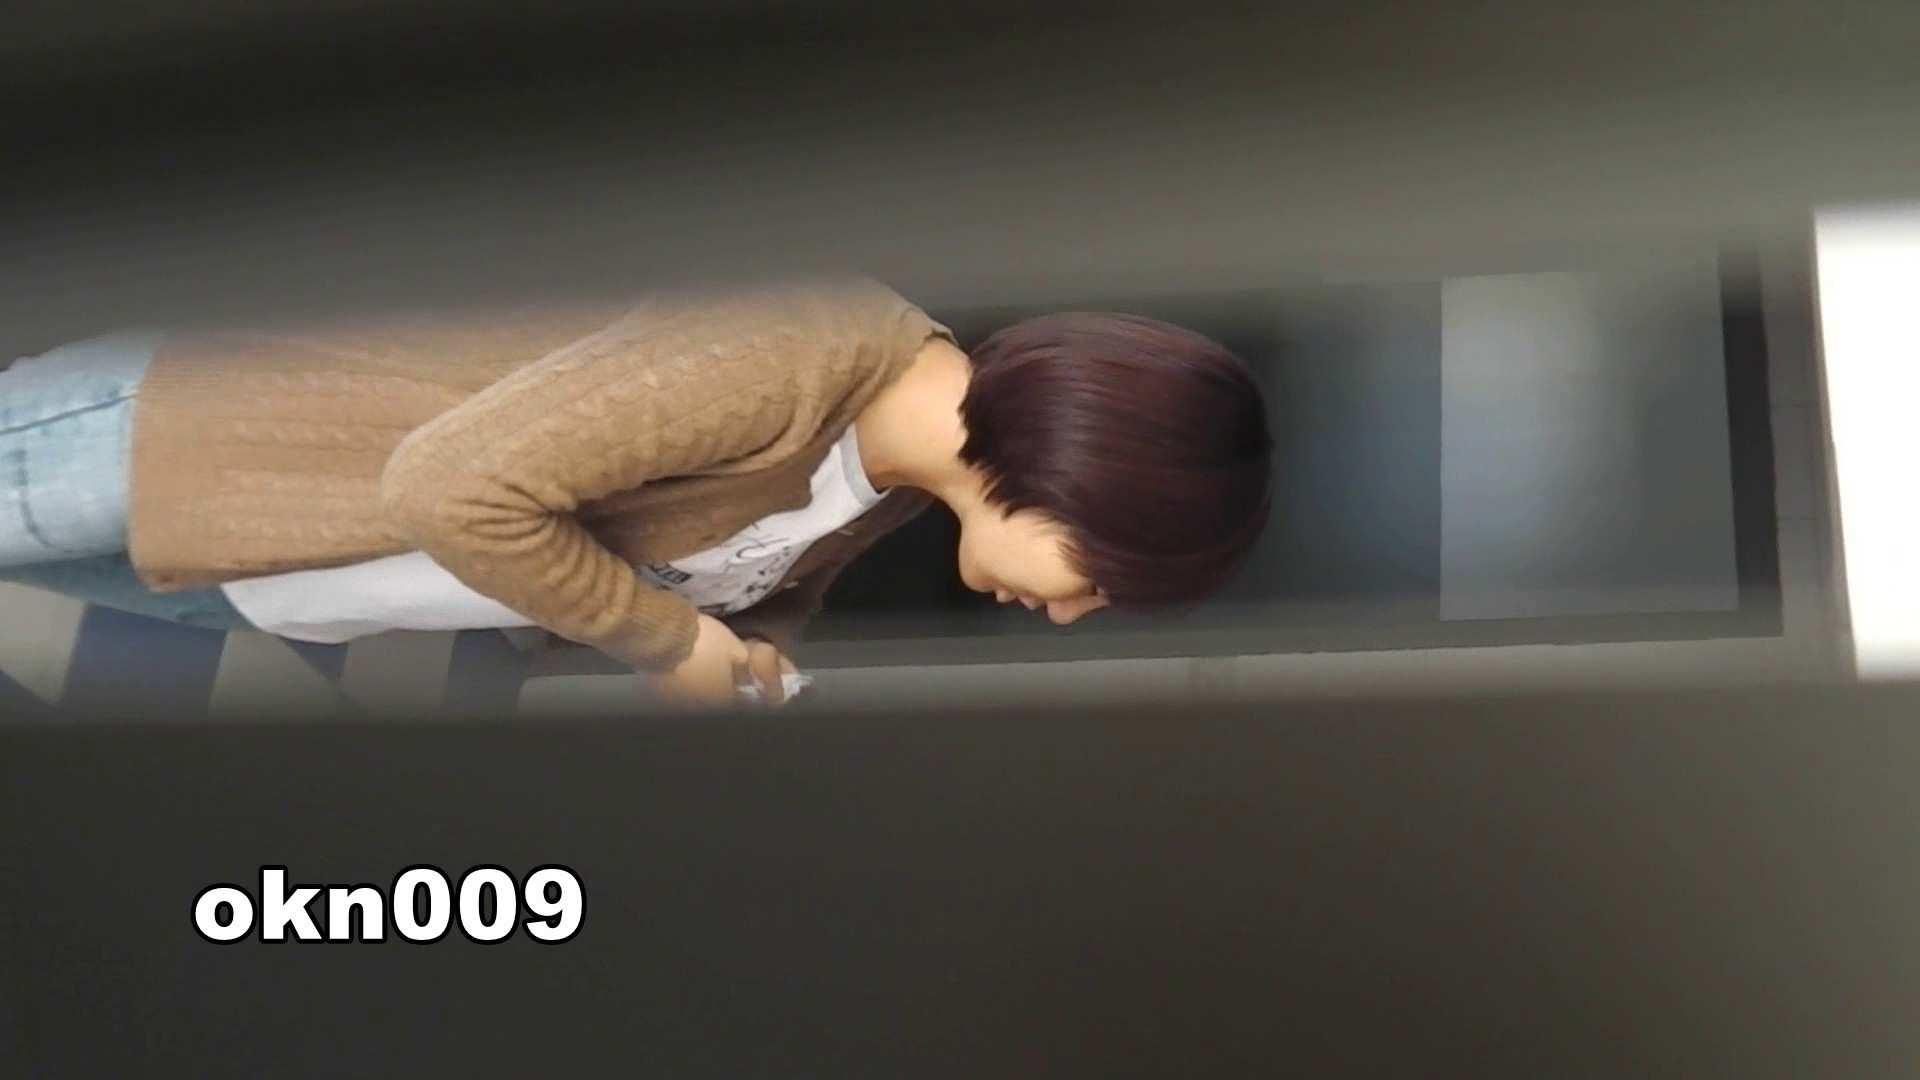 下からノゾム vol.009 リキンでモリアガった割にヒョロ 洗面所 | 丸見えマンコ  55画像 52